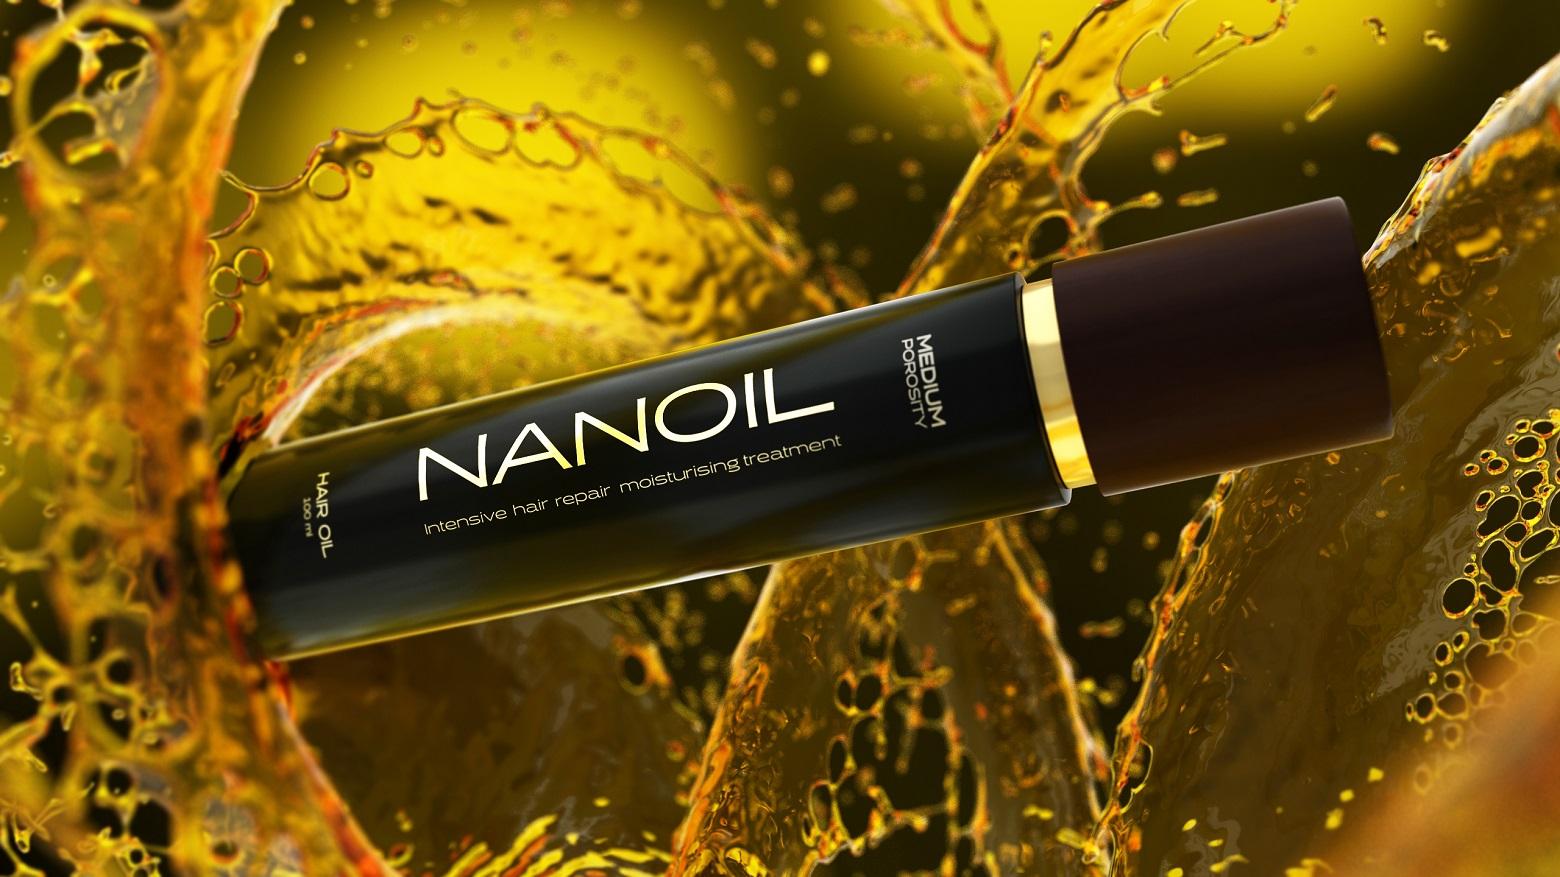 Dwa kroki do pięknych włosów. Poznaj siłę natury z Nanoil!